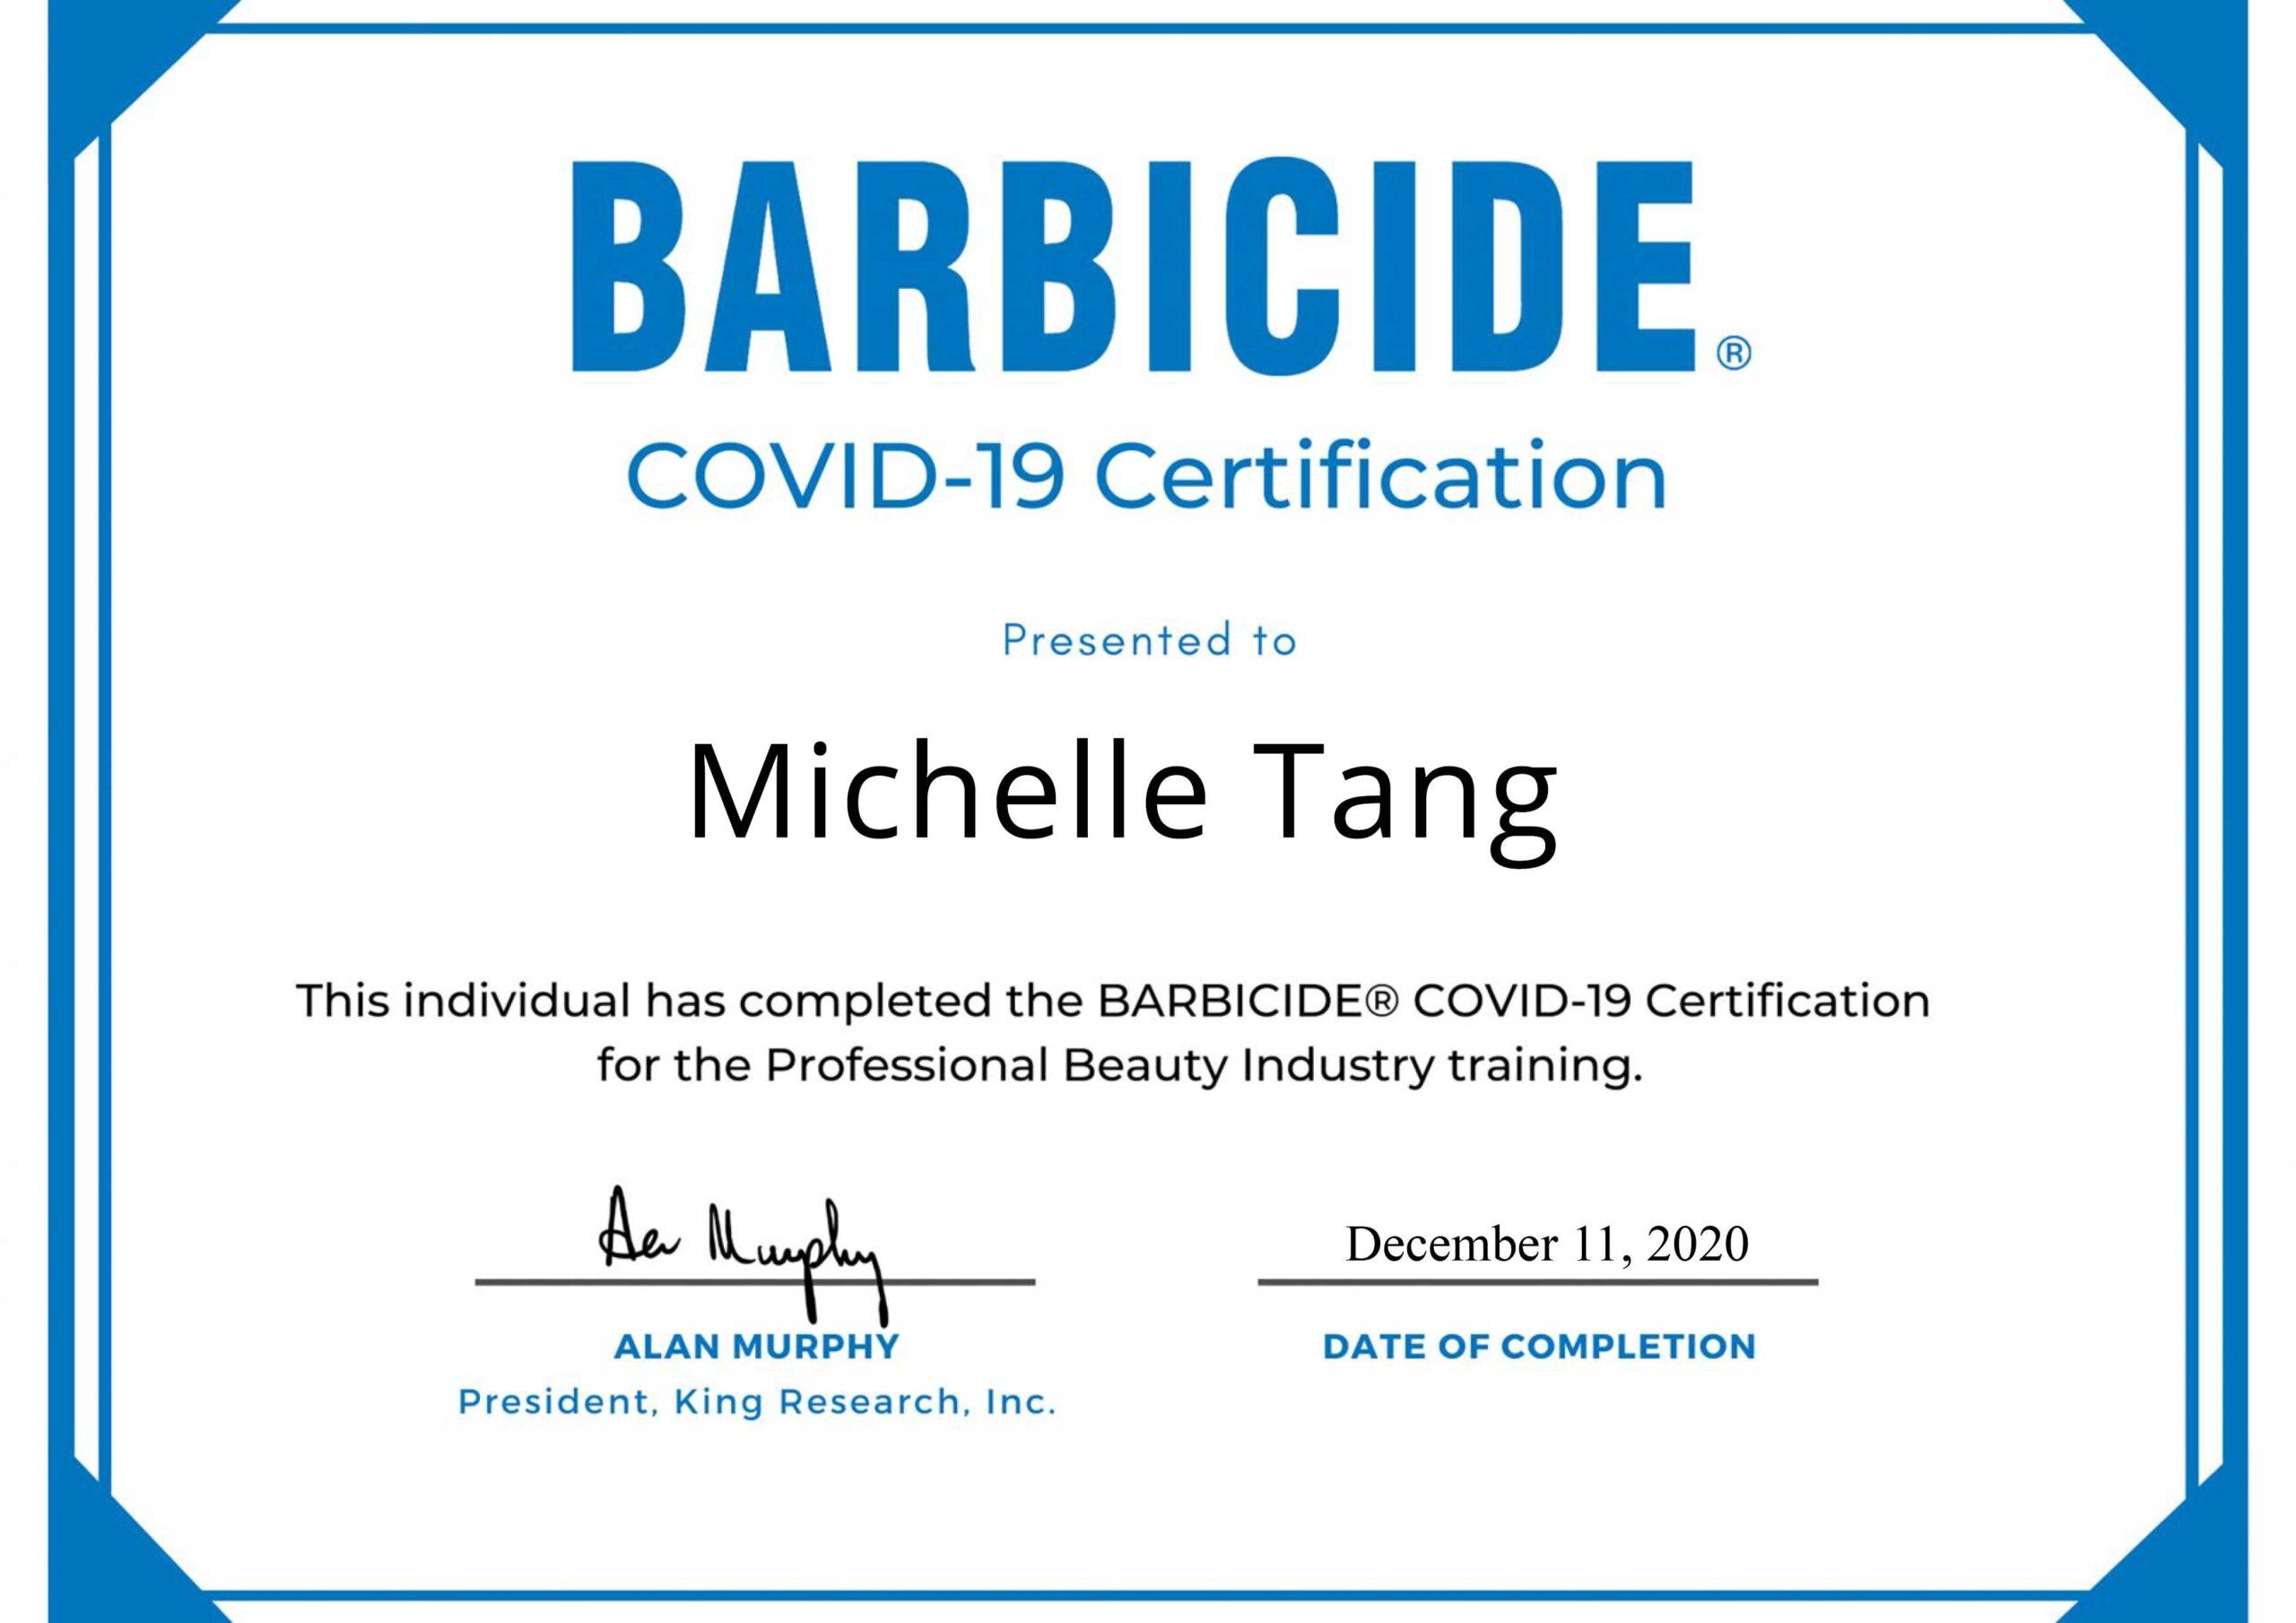 Barbicide Covid 19 Certificate